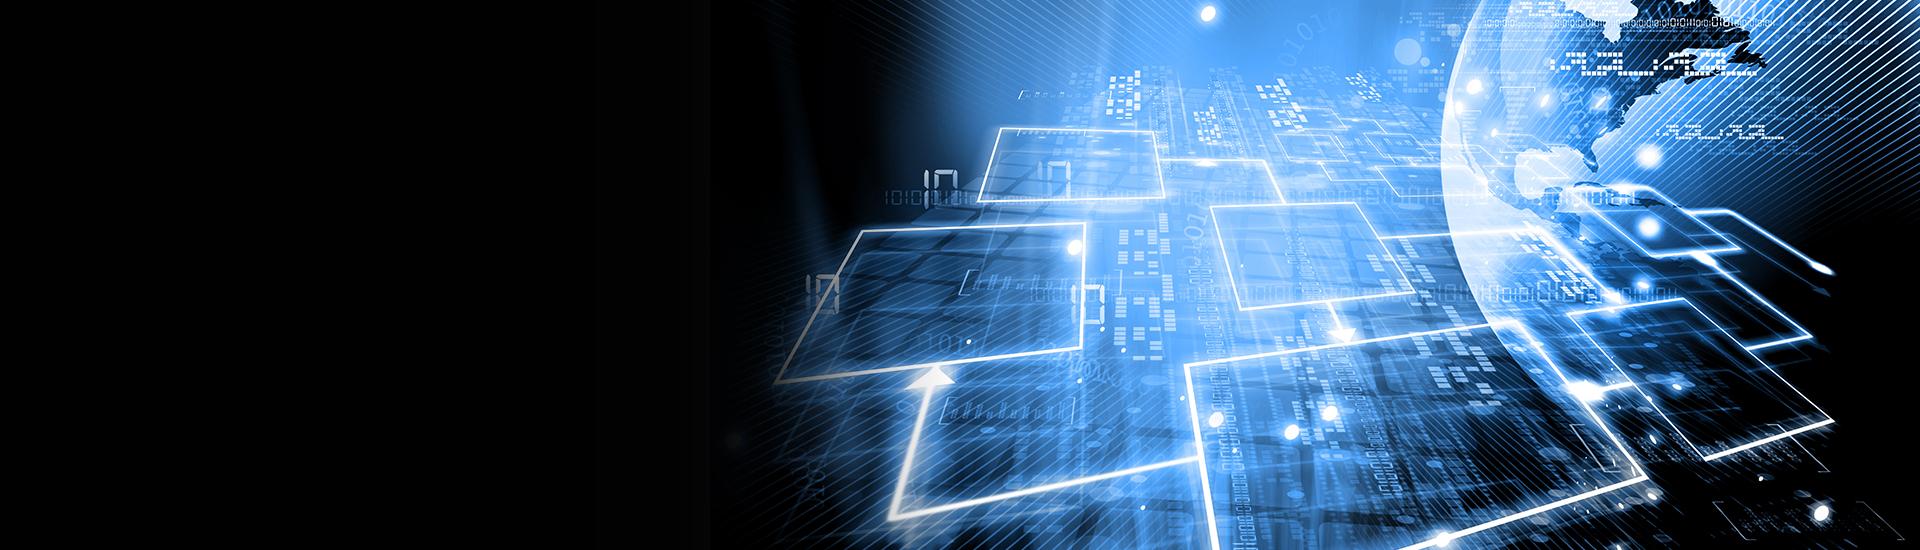 Tecnológia de primer nivel, entregando soluciones seguras y eficientes